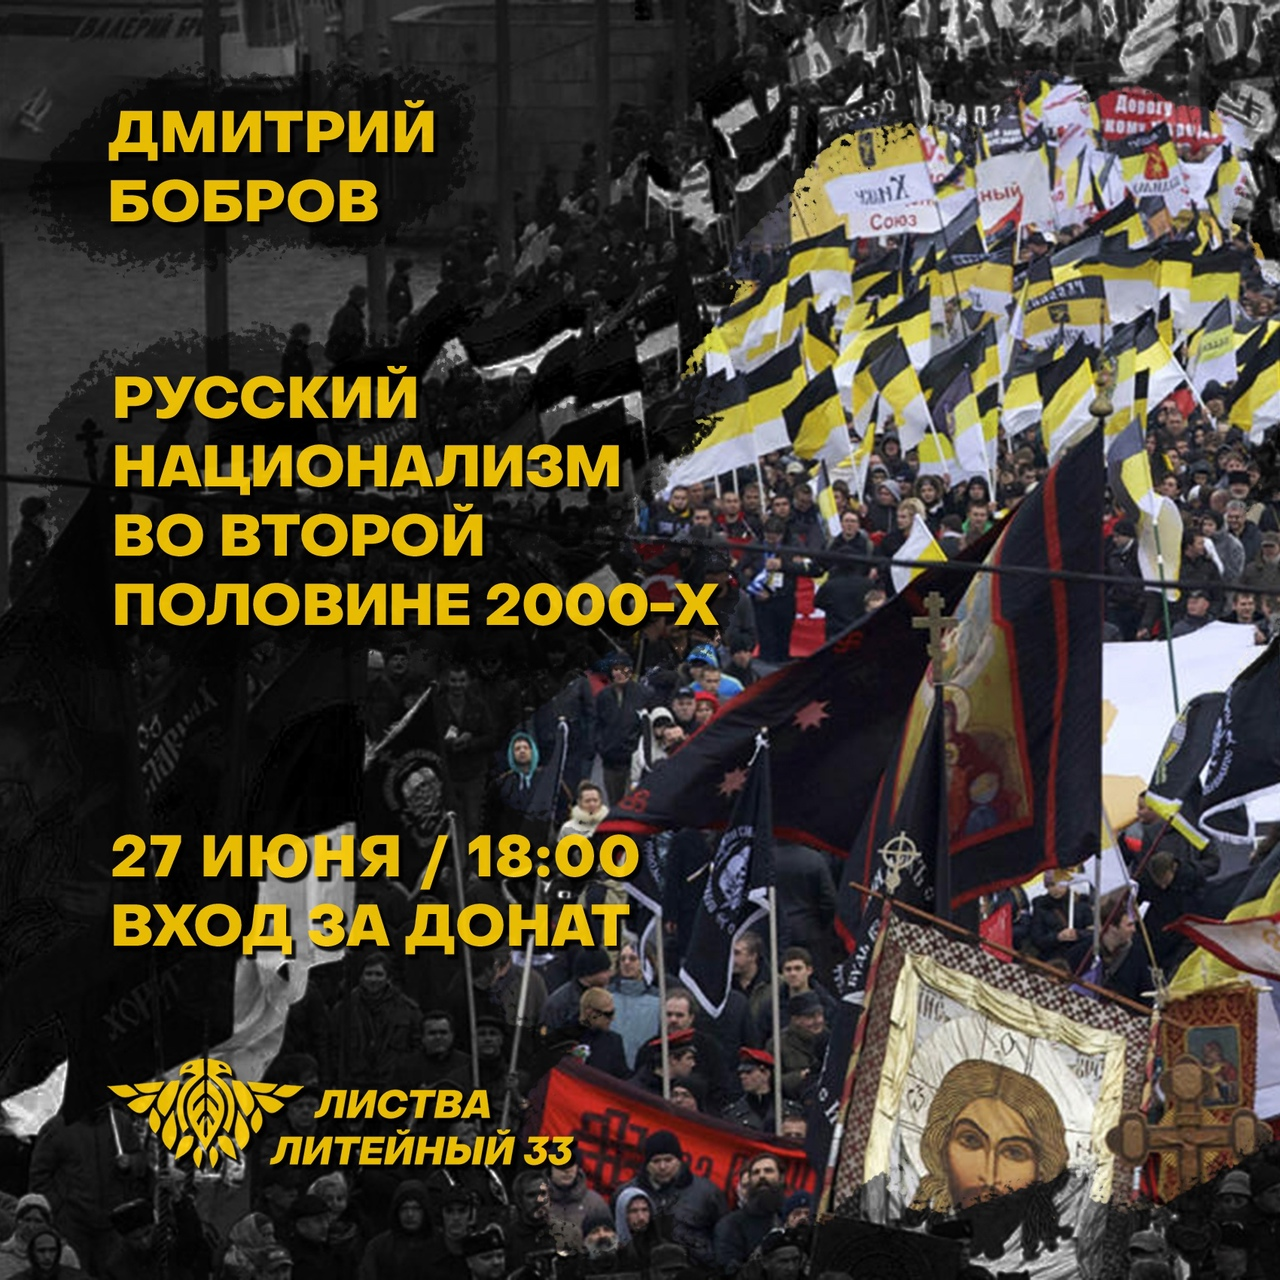 27 июня в 18:00 Дмитрий Бобров прочитает в «Листве» очередную лекцию про постсоветский русский национализм